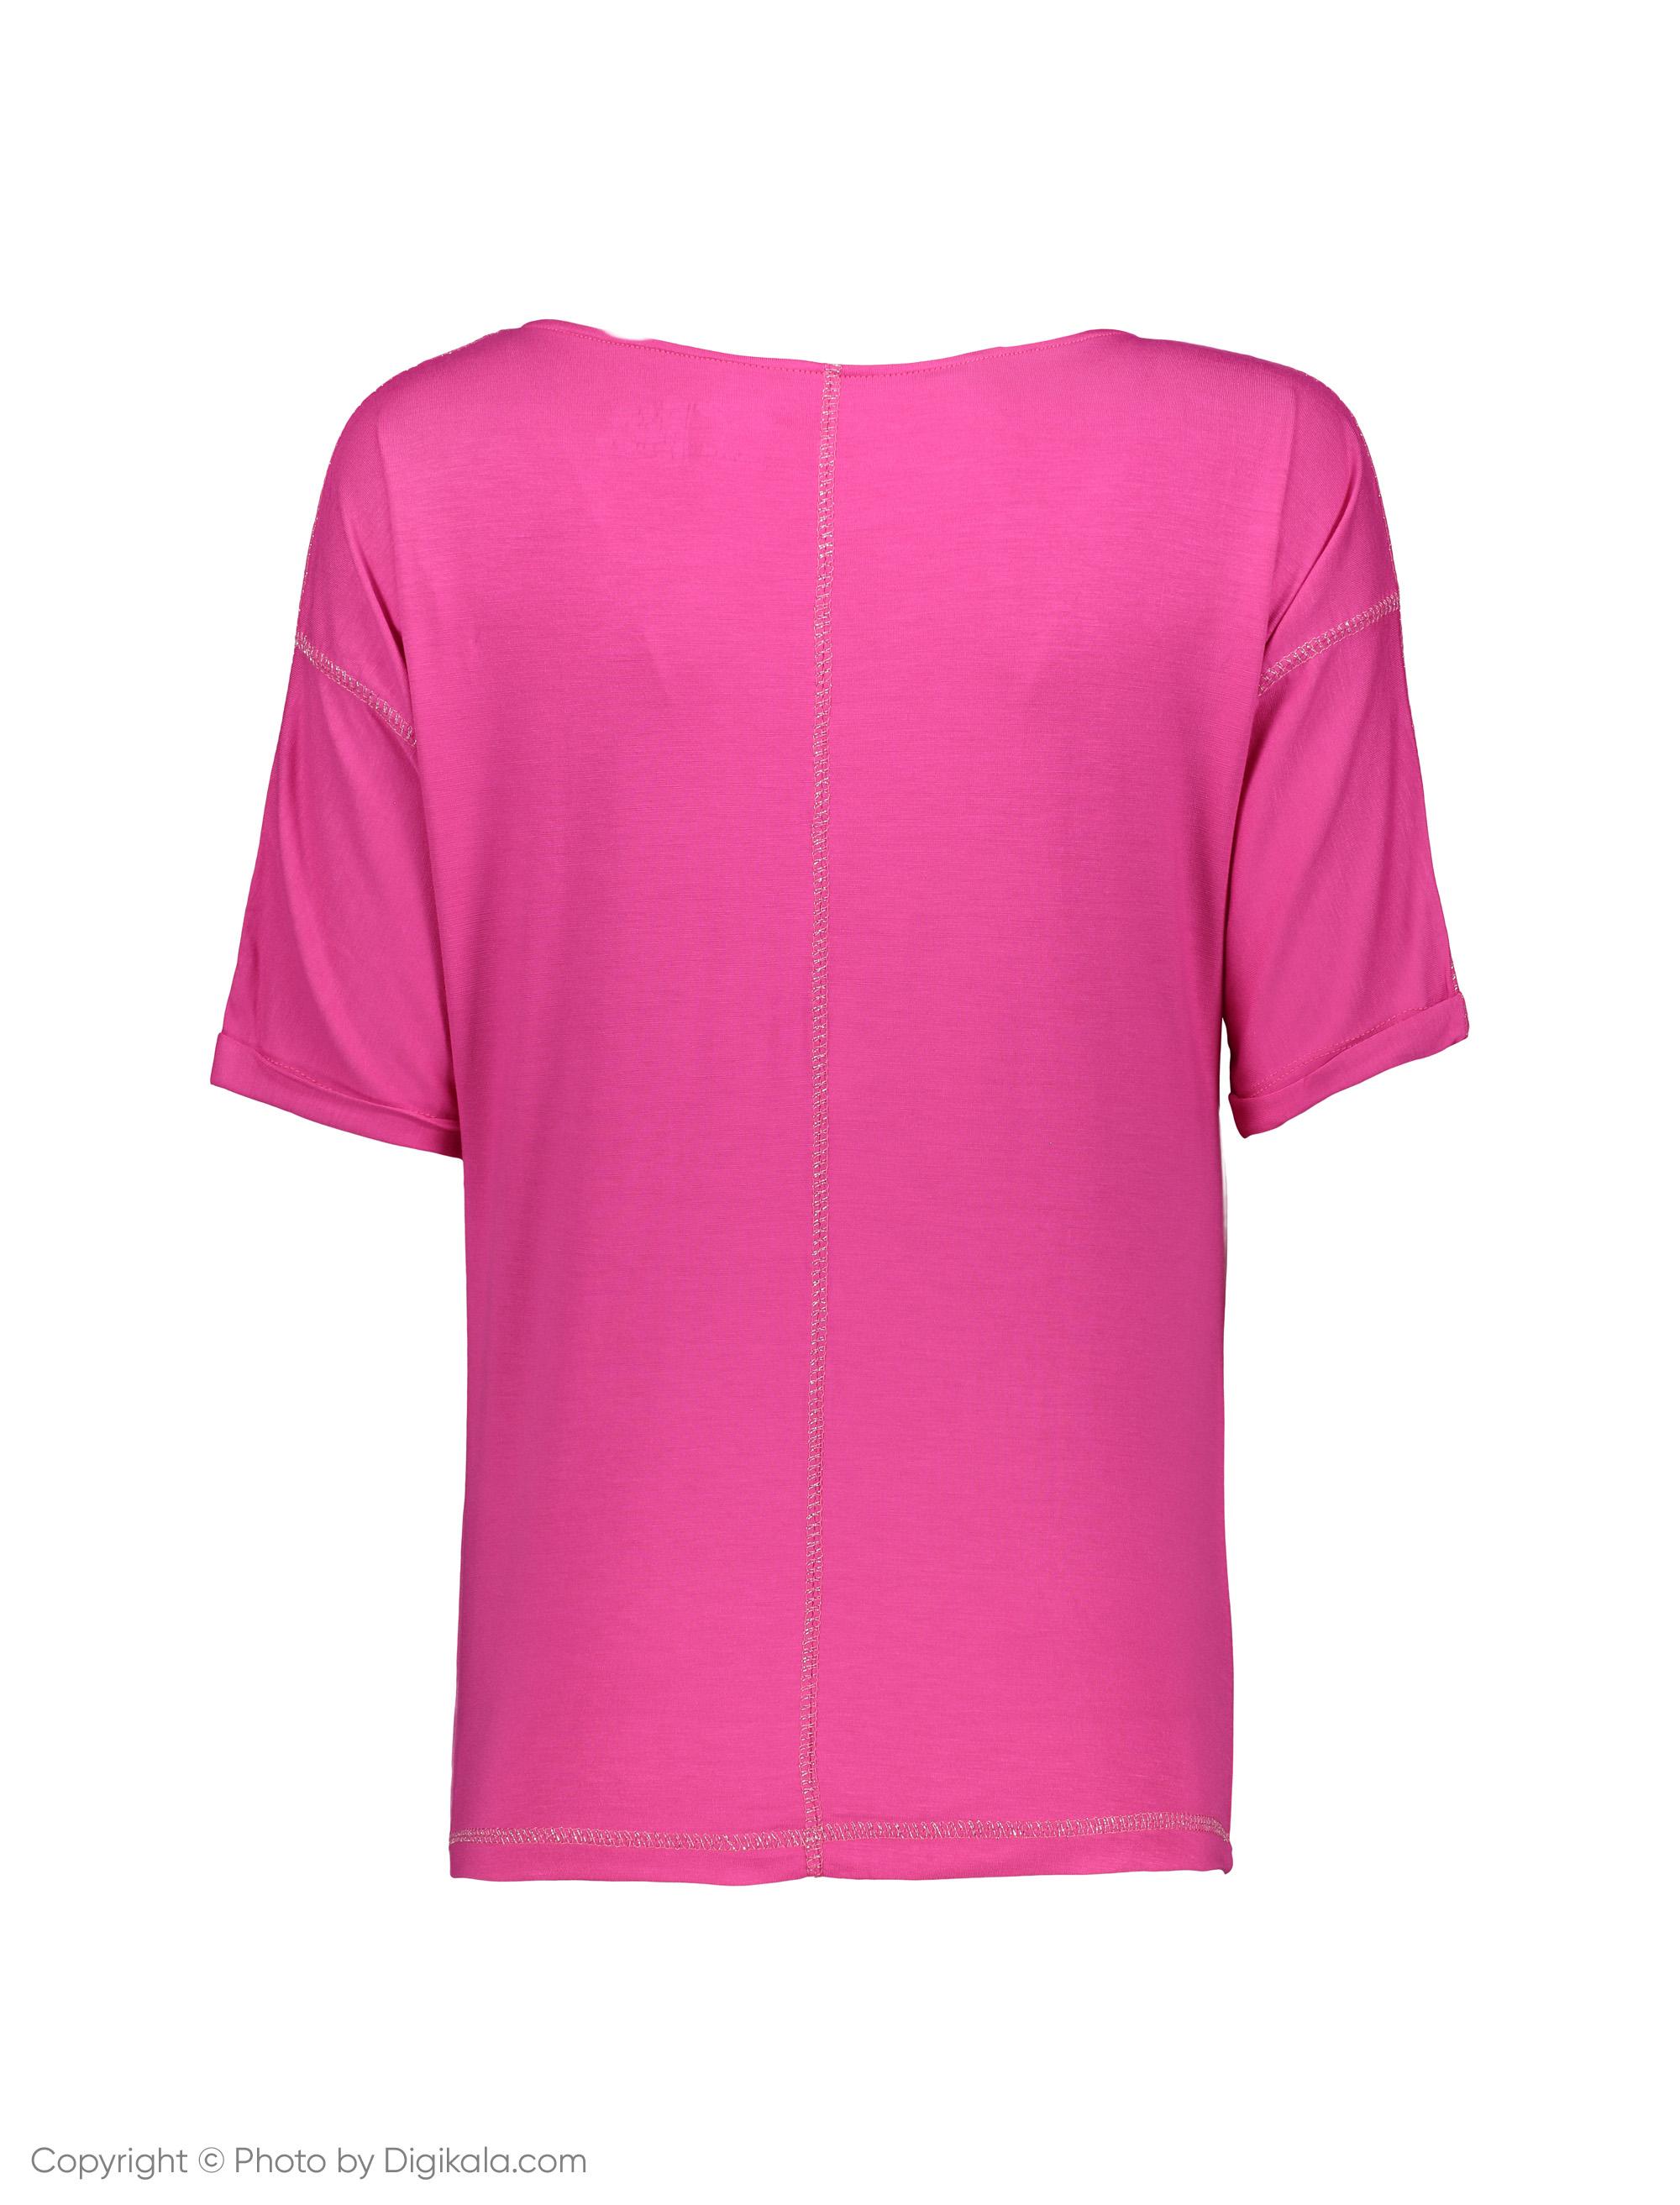 تی شرت زنانه گارودی مدل 1003103022-75 -  - 3